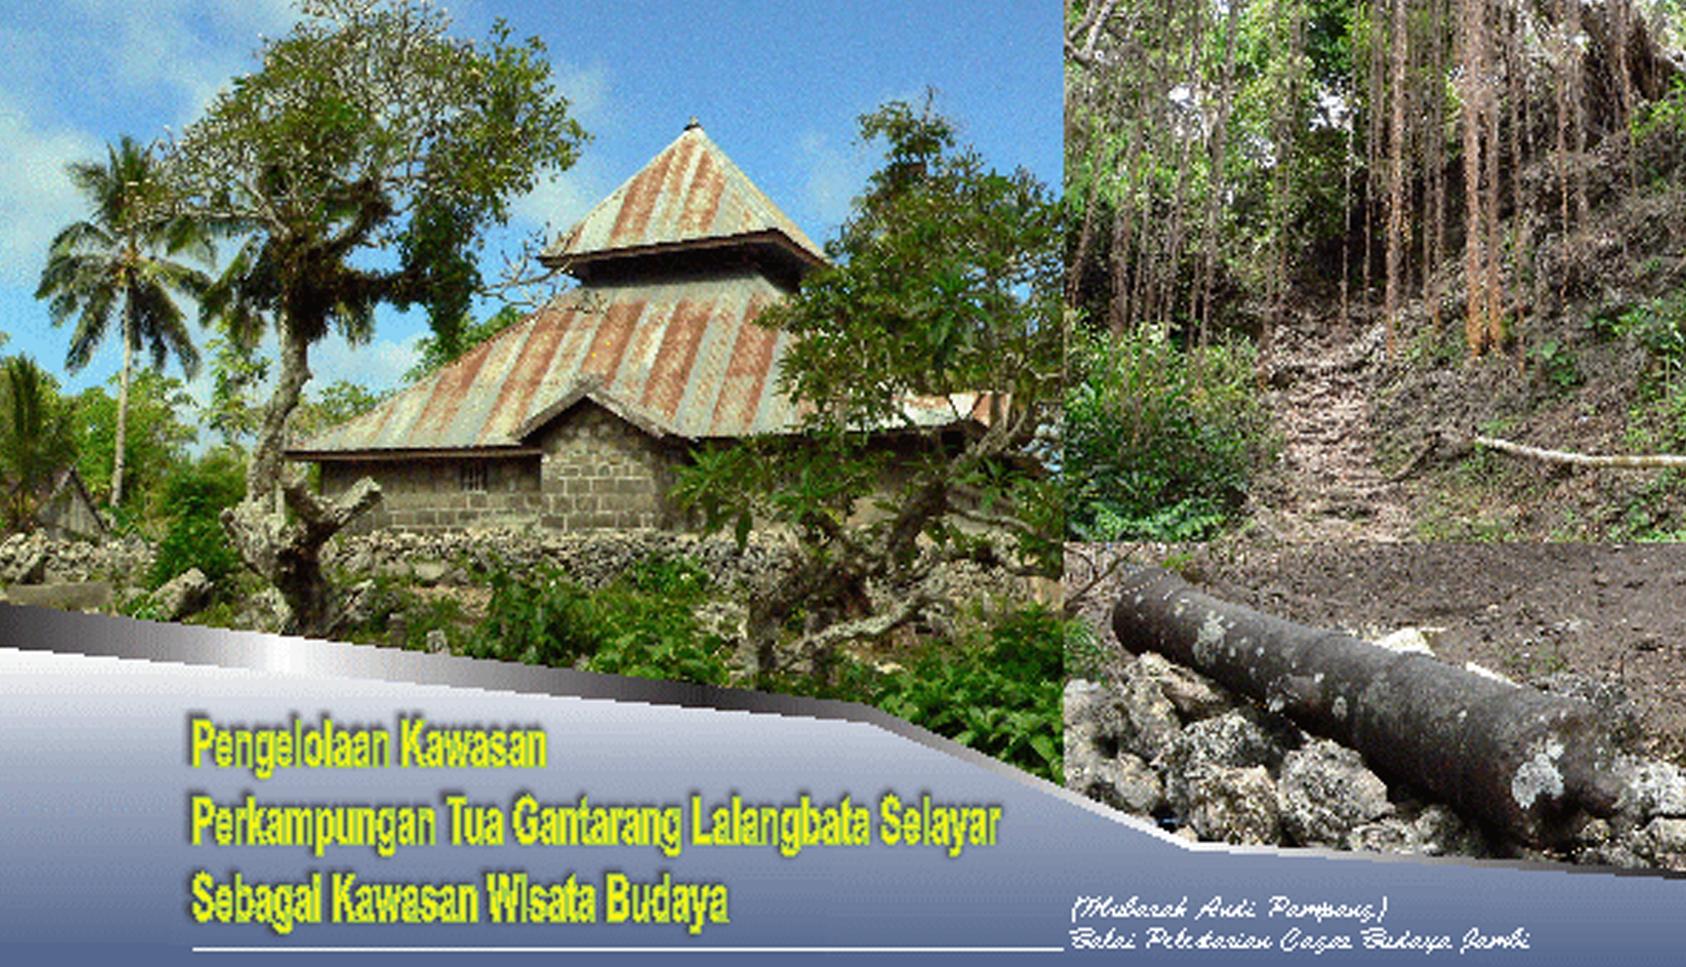 Read more about the article Pengelolaan Kawasan Perkampungan Tua Gantarang Lalangbata Selayar Sebagai Kawasan Wisata Budaya